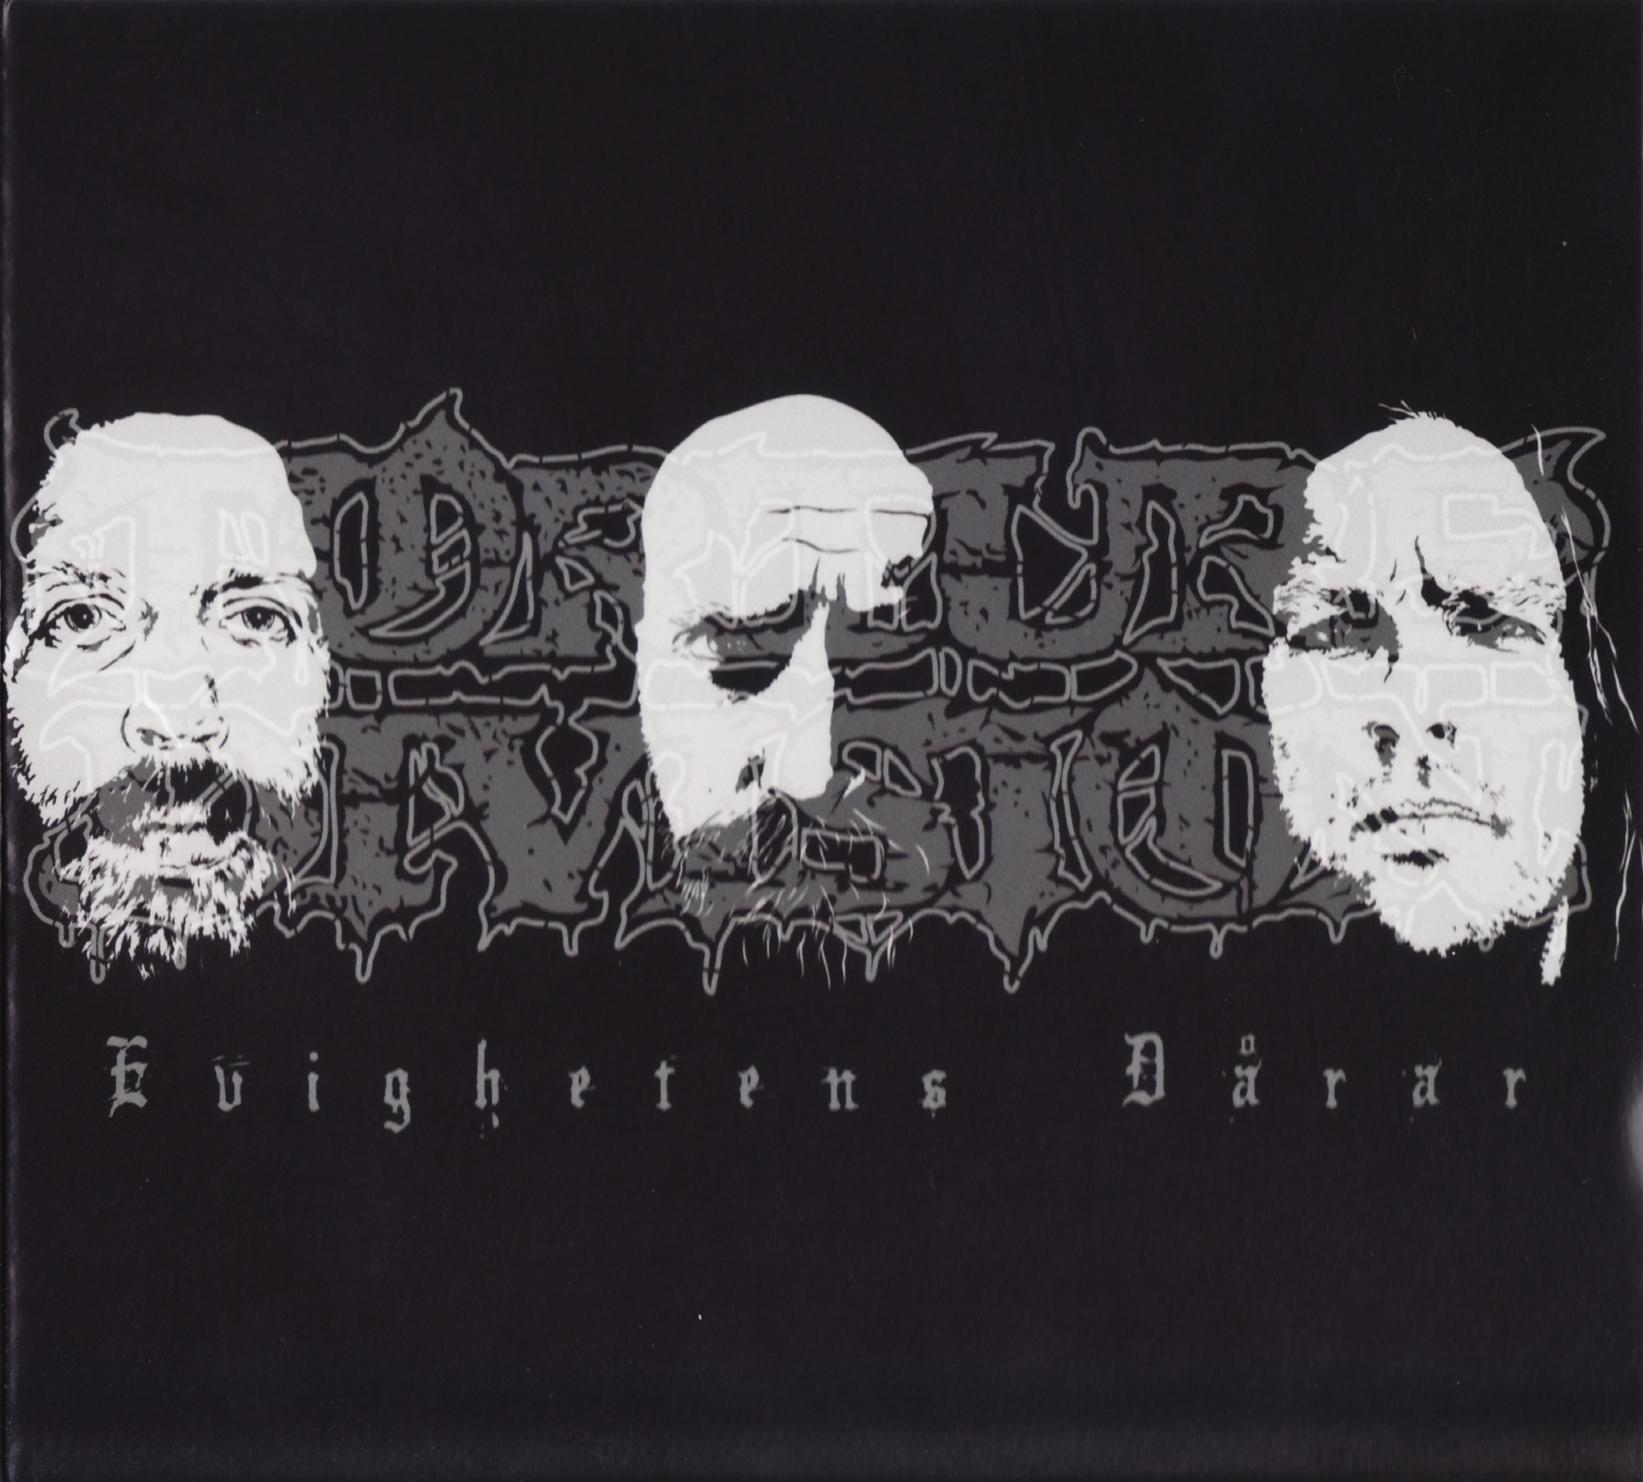 Torture Division – Evighetens Dårar Review